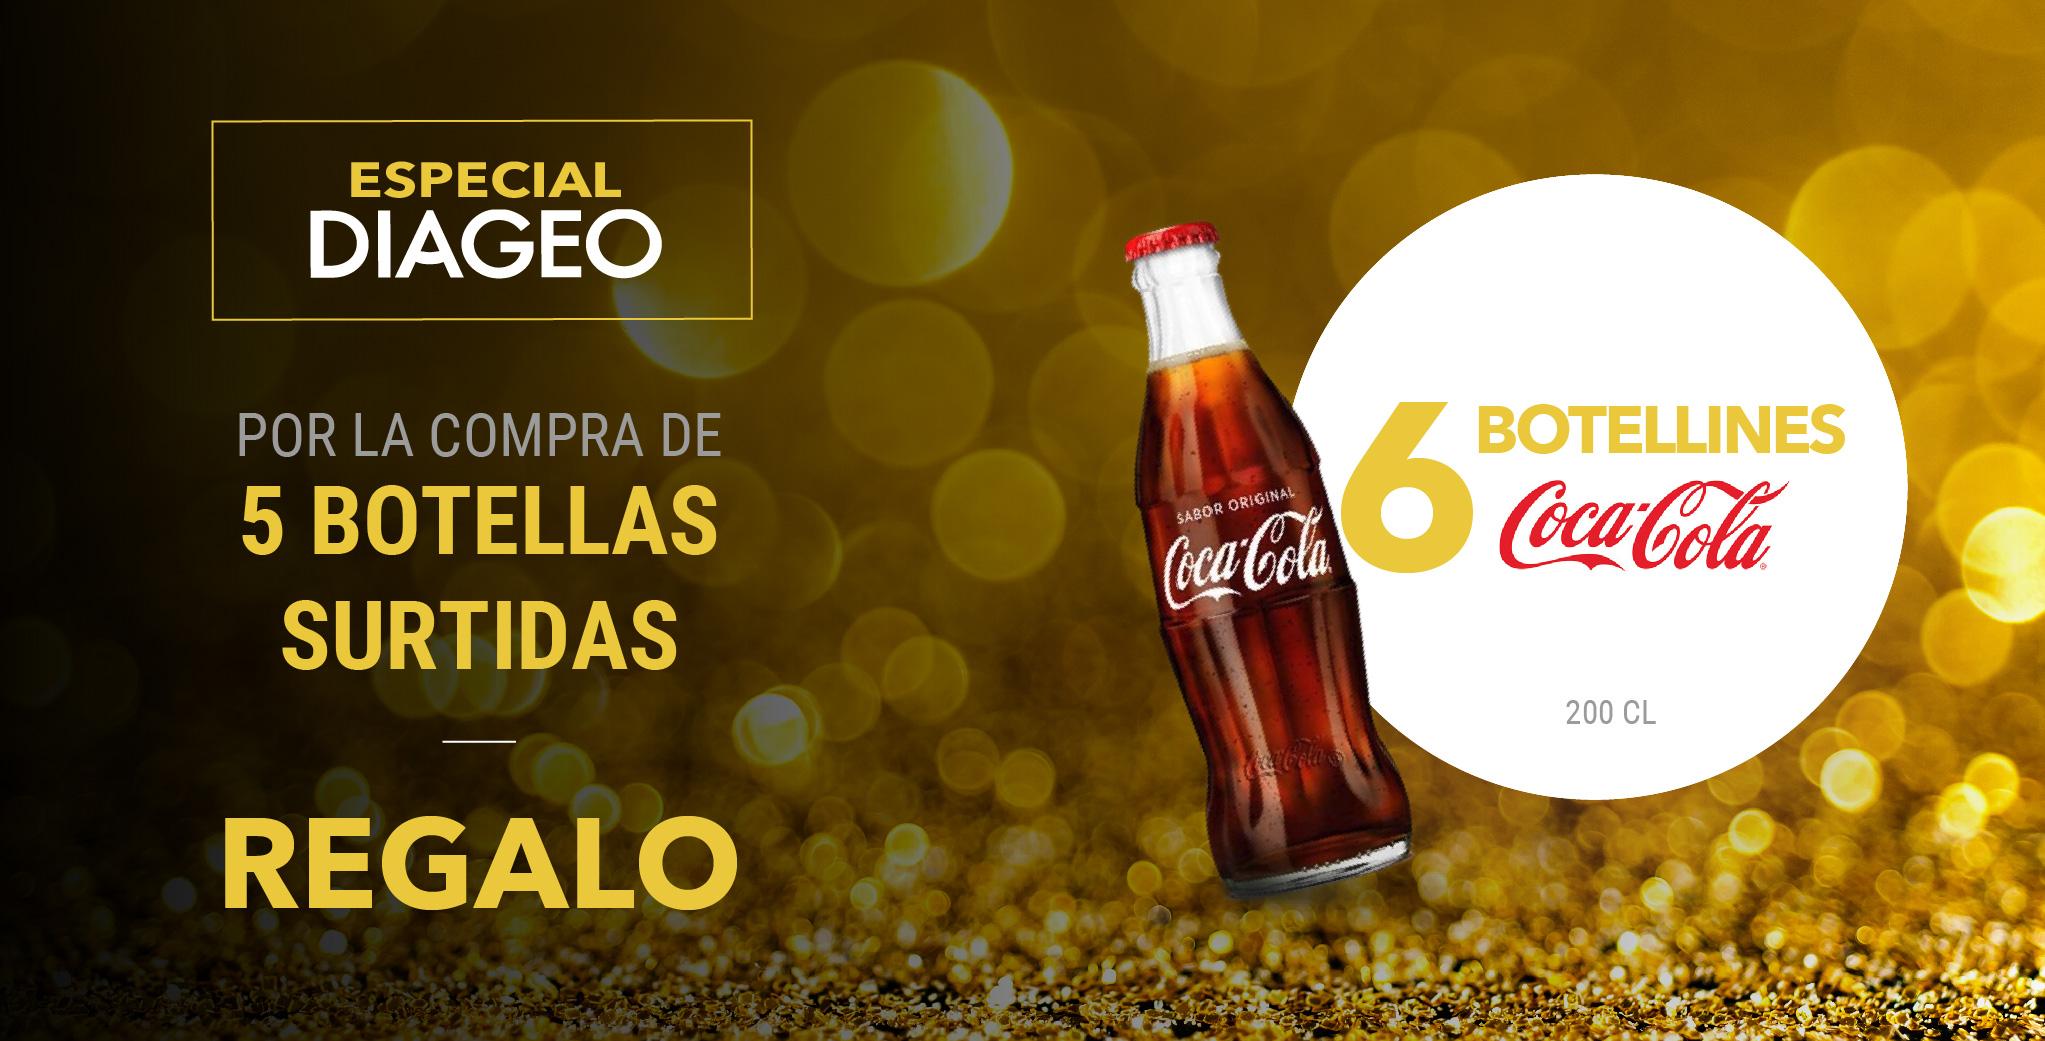 Especial Diageo – Botellas Coca-Cola